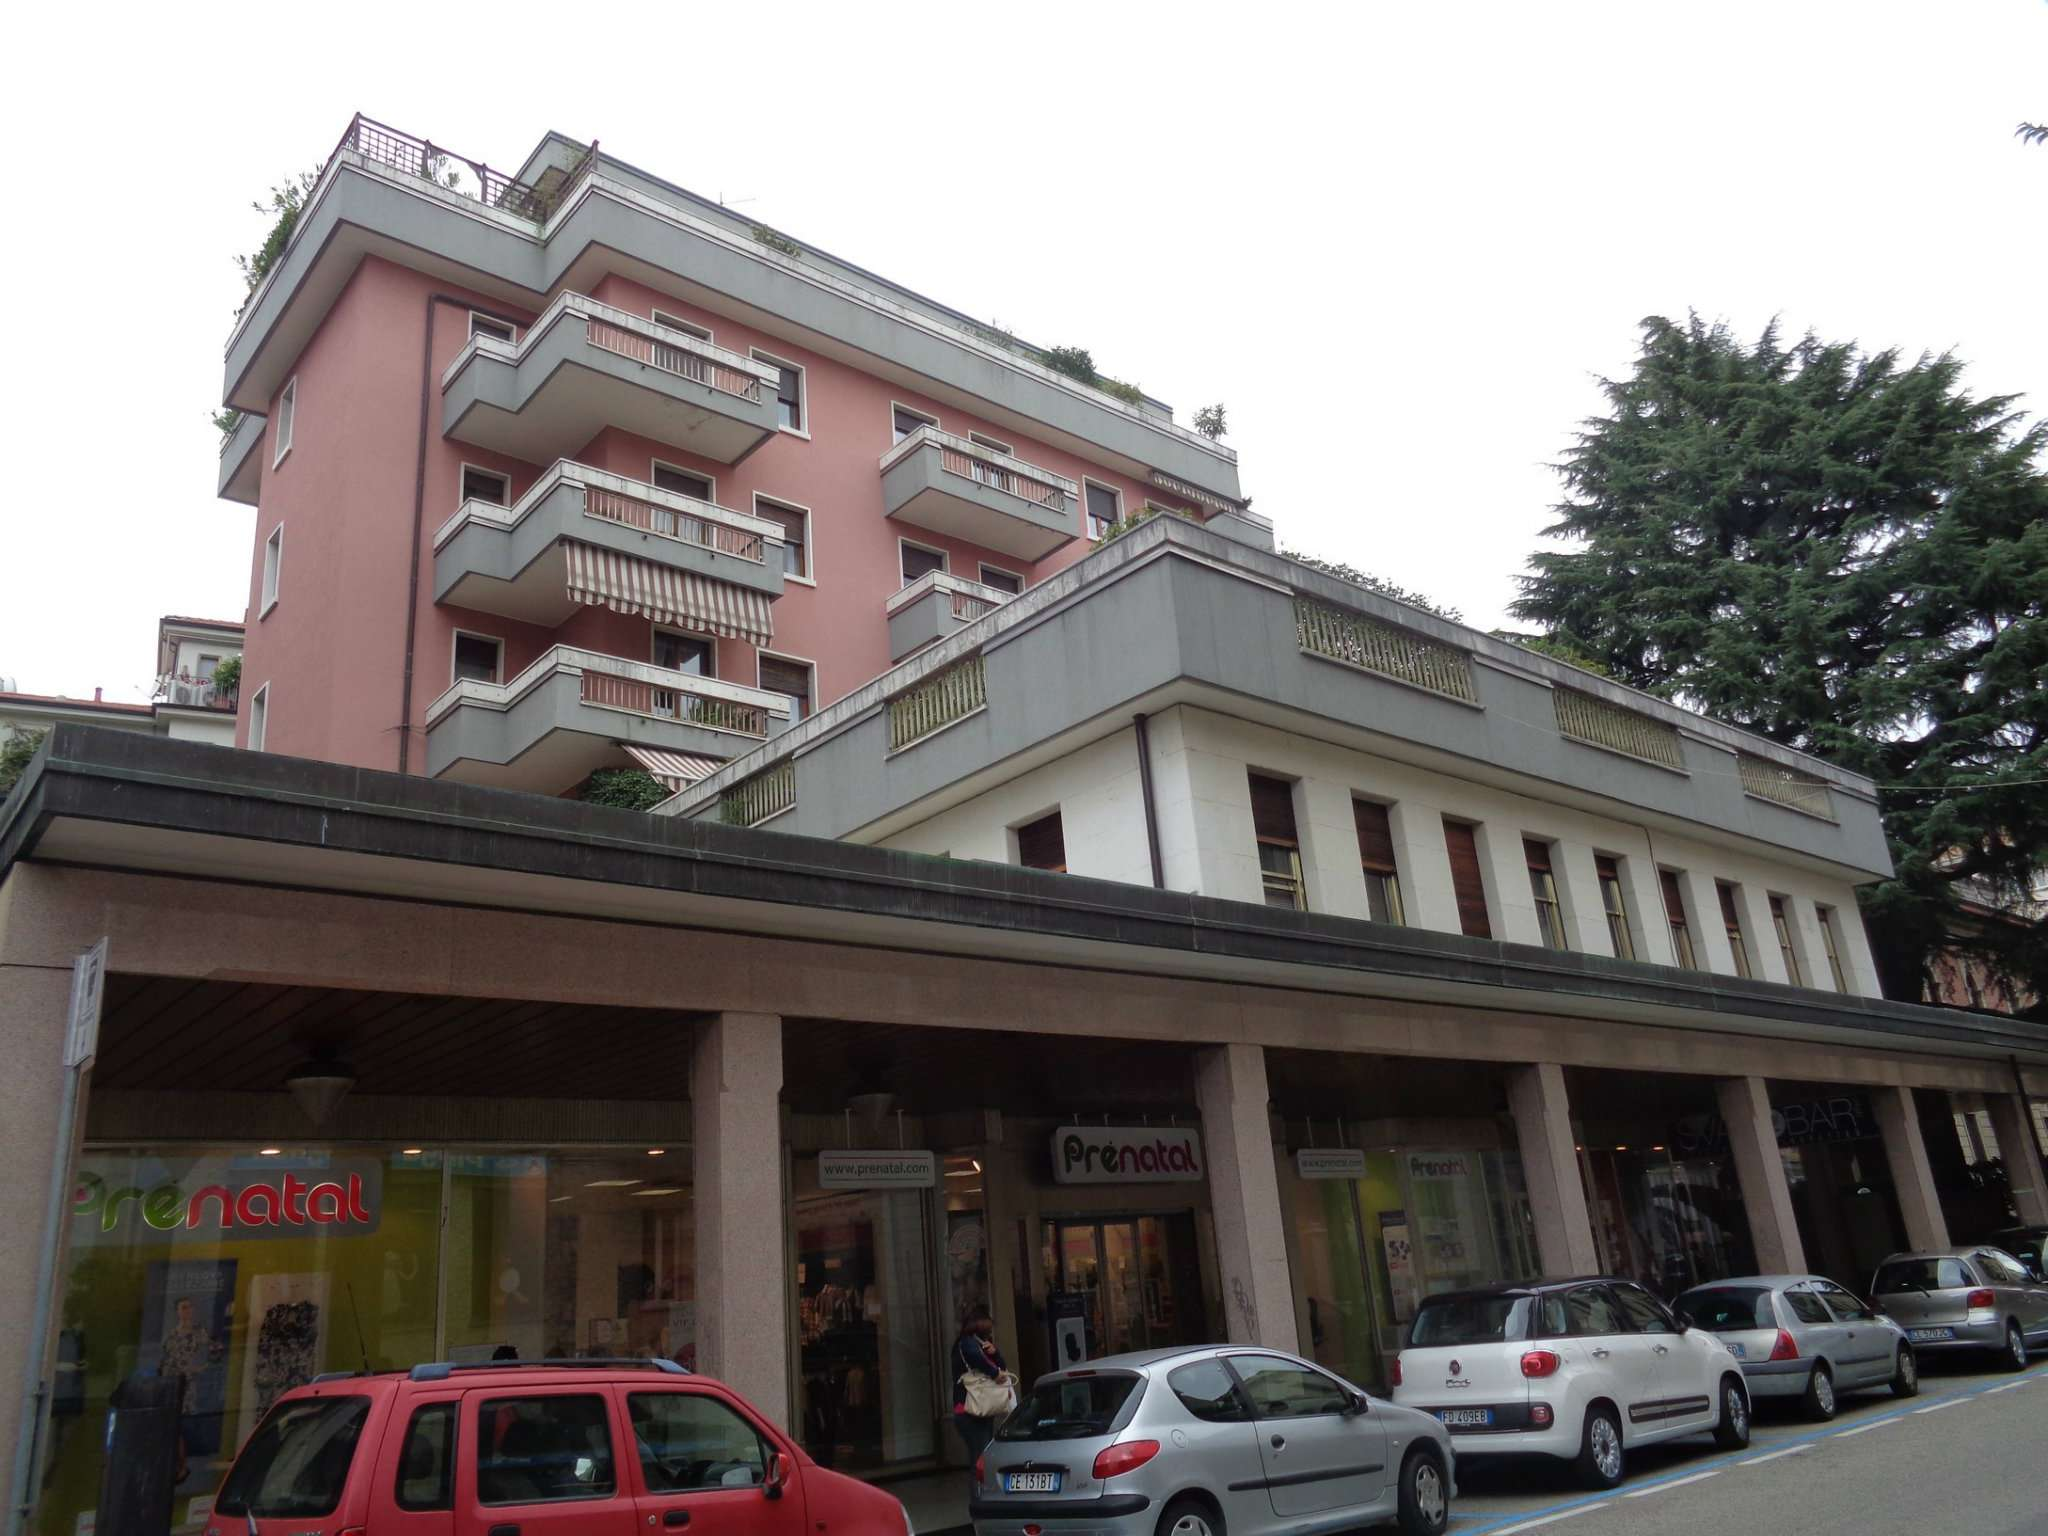 Ufficio / Studio in vendita a Varese, 3 locali, prezzo € 185.000 | CambioCasa.it